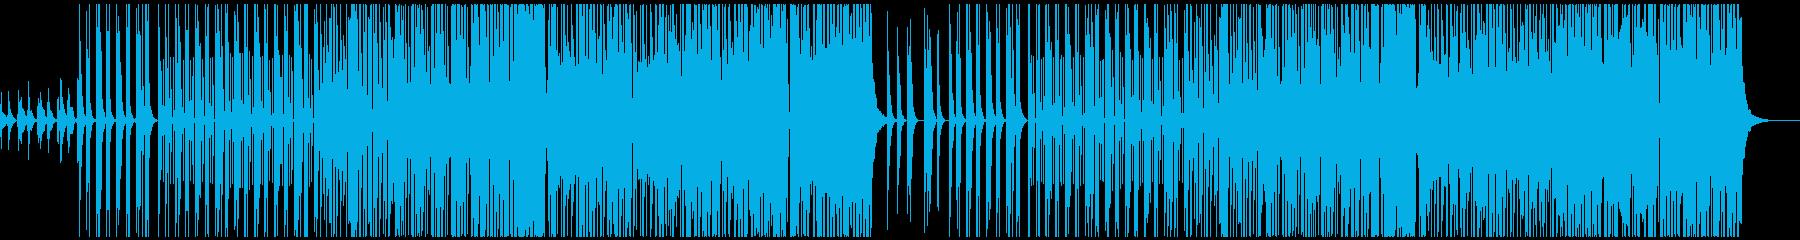 ドラムラインFuture Pop の再生済みの波形